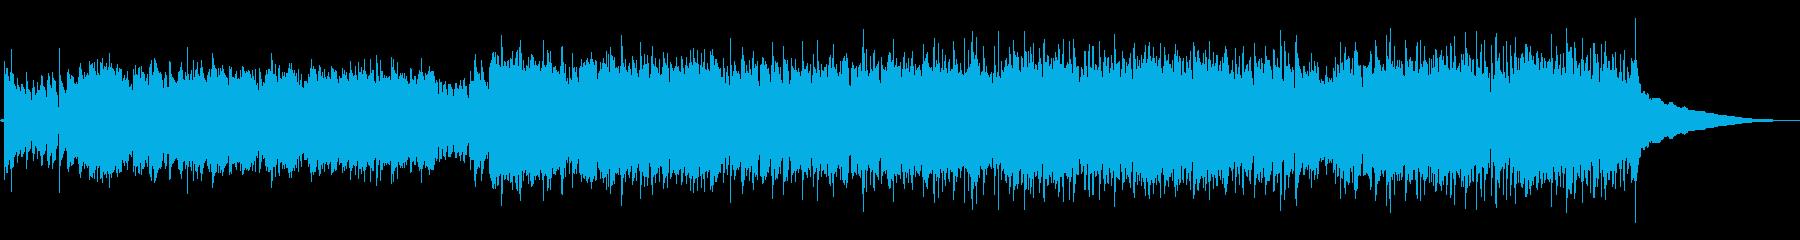 ゲームオープニング・かっこいいフラメンコの再生済みの波形